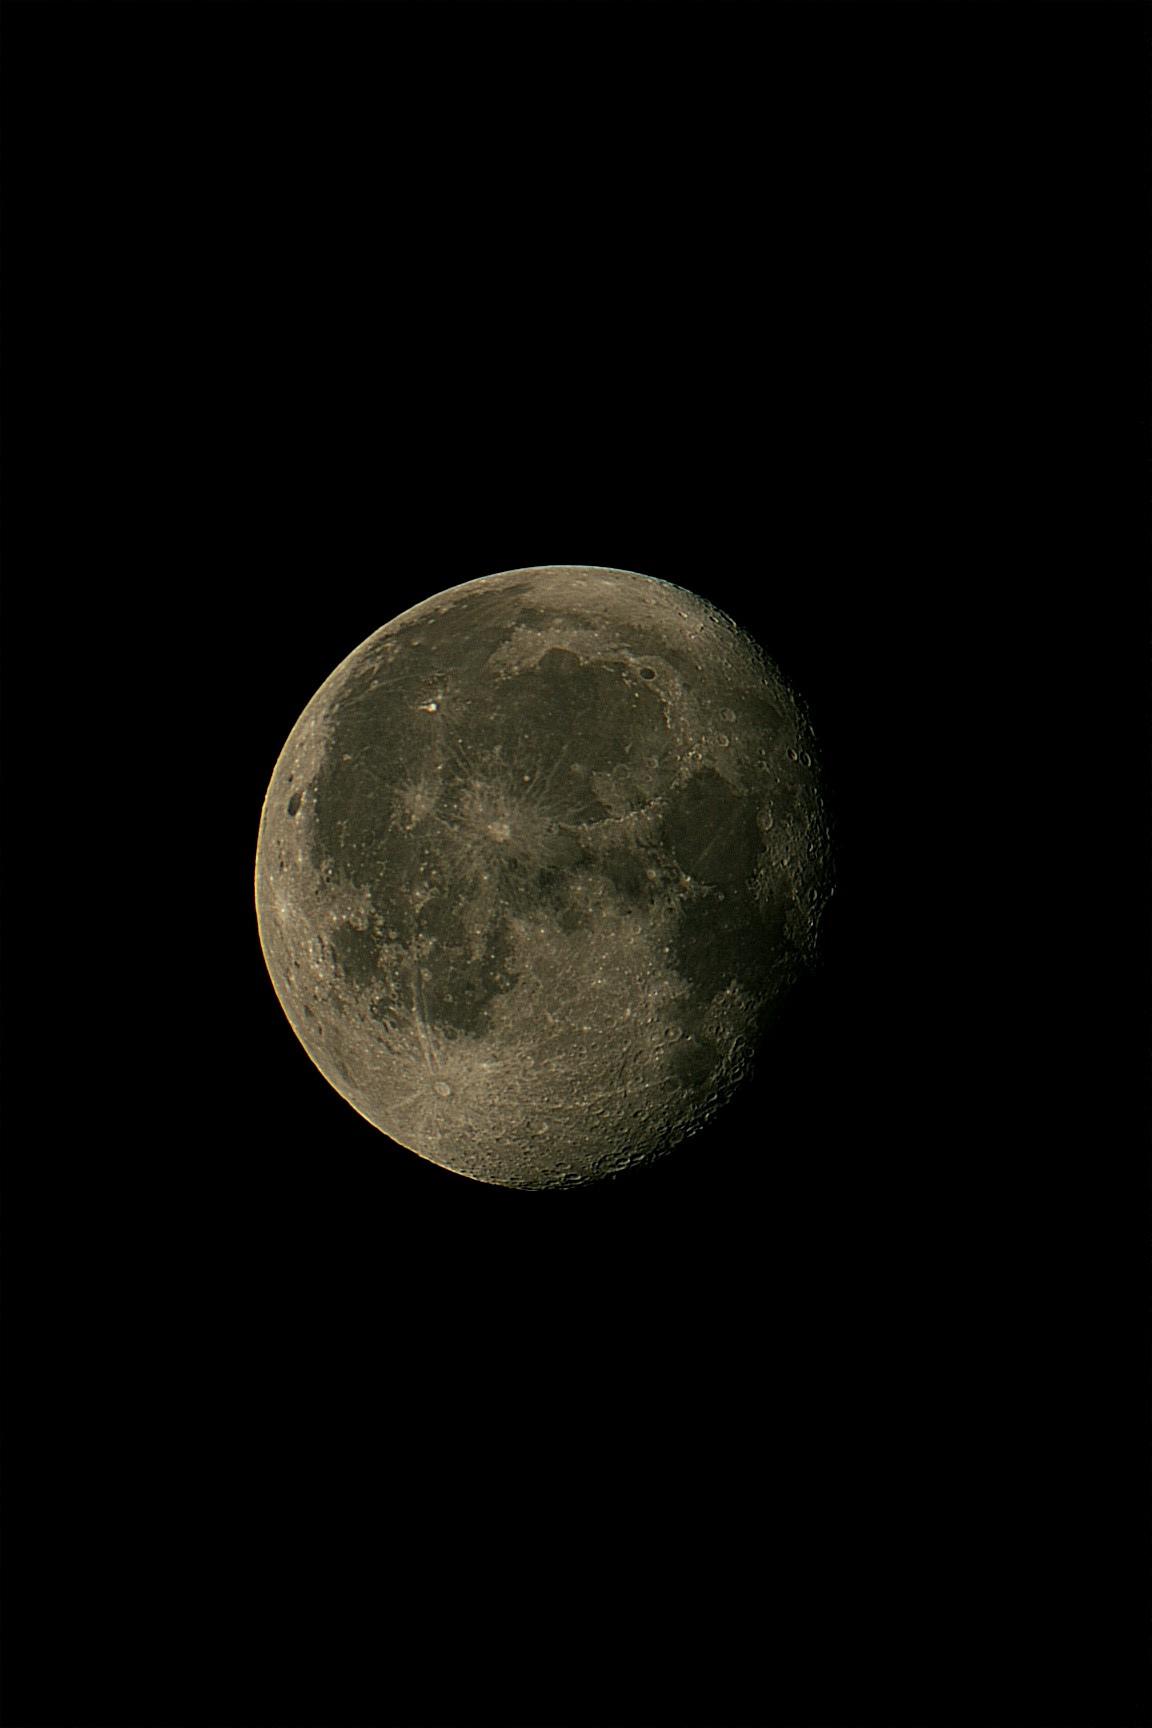 La Lune du 29/08/18.